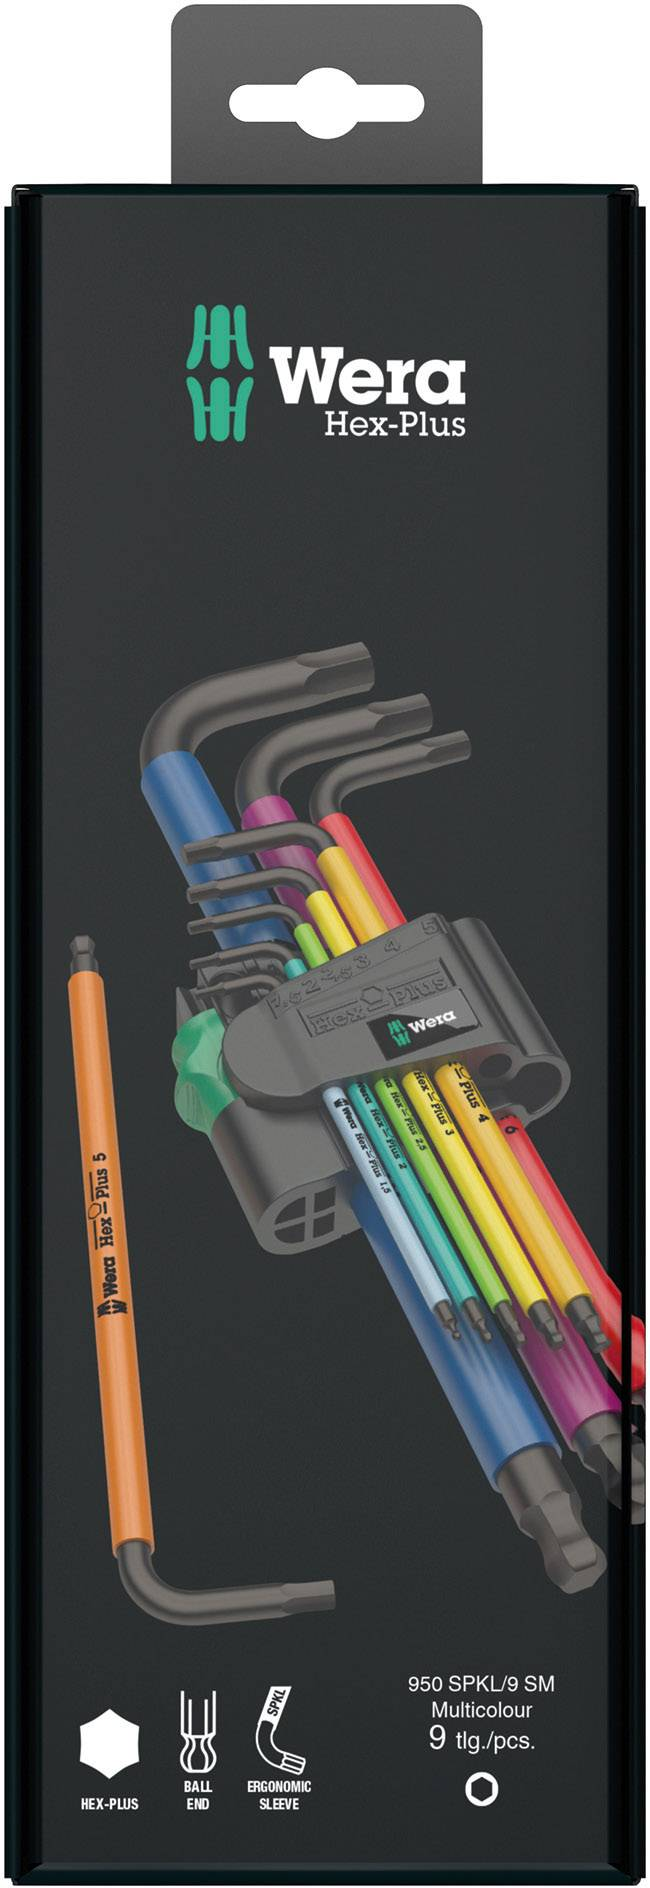 Inbus sada klíčů Wera 950 SPKL/9 SM N Multicolour 05073593001, 9dílná